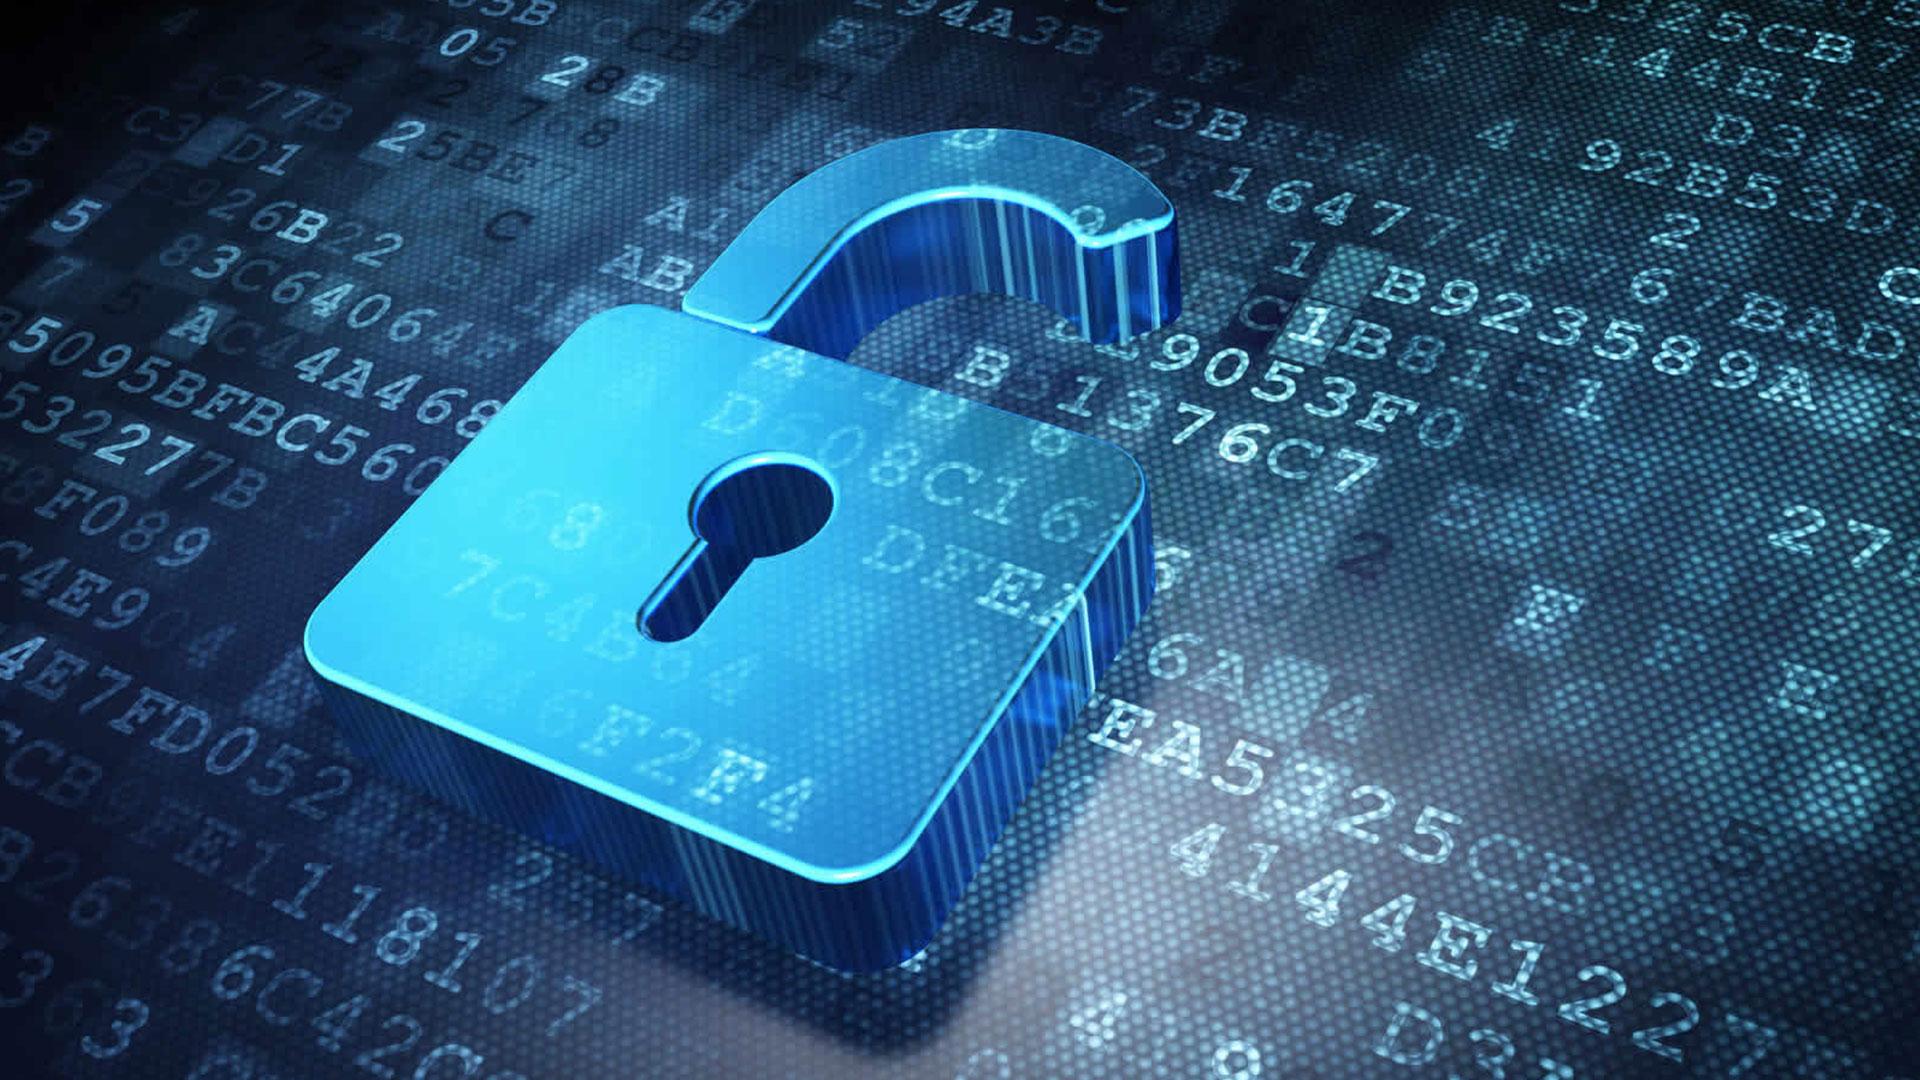 ДРя того чтобы не стать жертвой нужно сохранять безопасность в интернет и направить необходимые усиРия на защиту своего компьютера